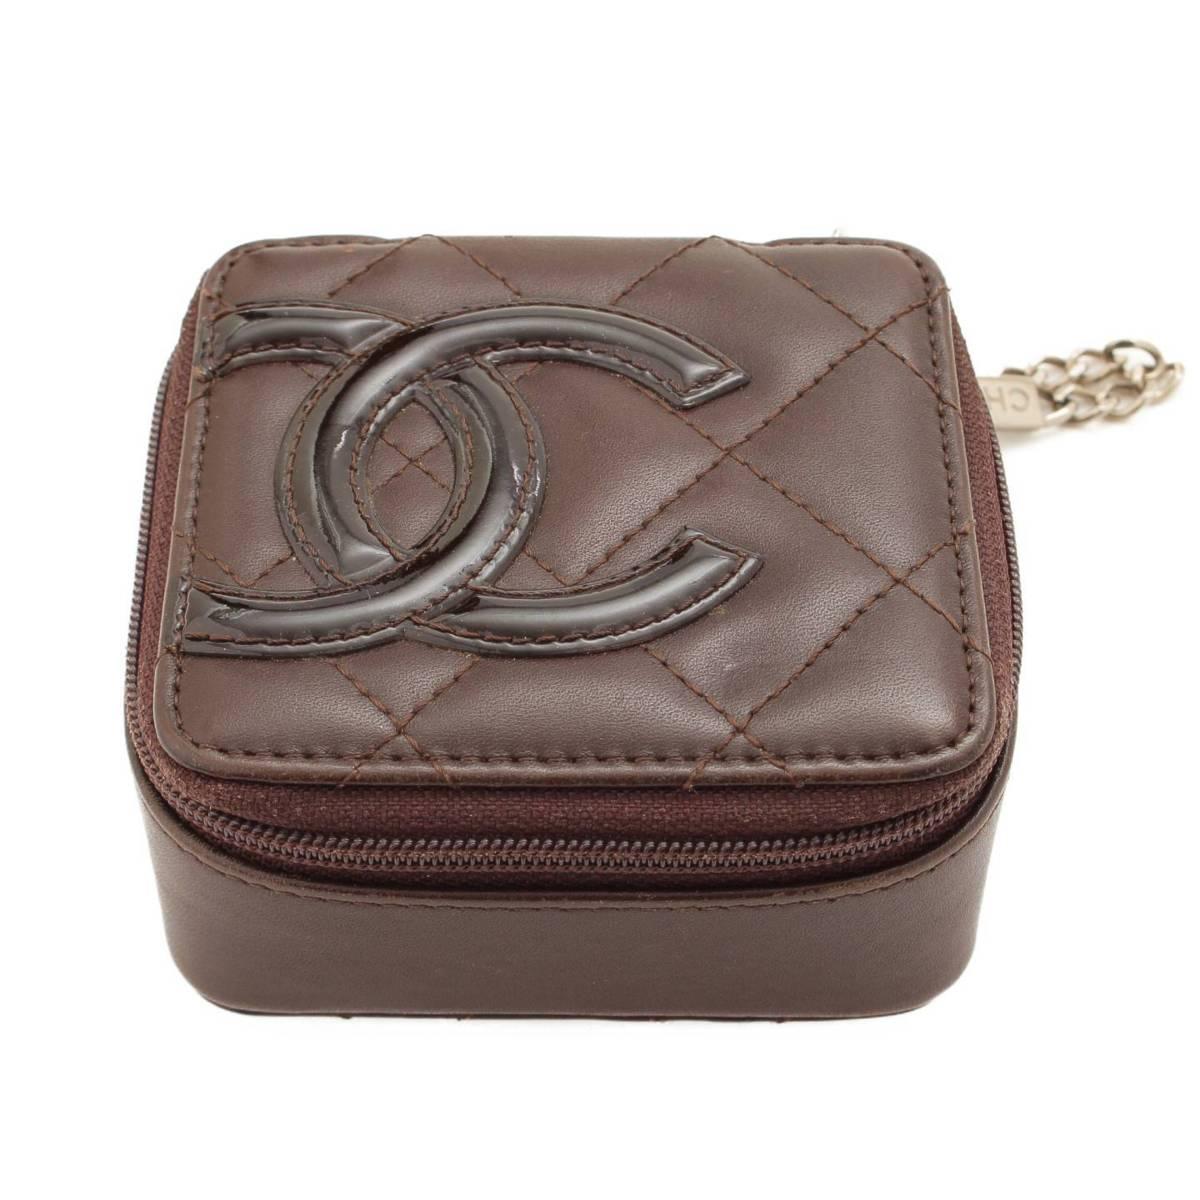 レディースバッグ, 化粧ポーチ Chanel 10 90737